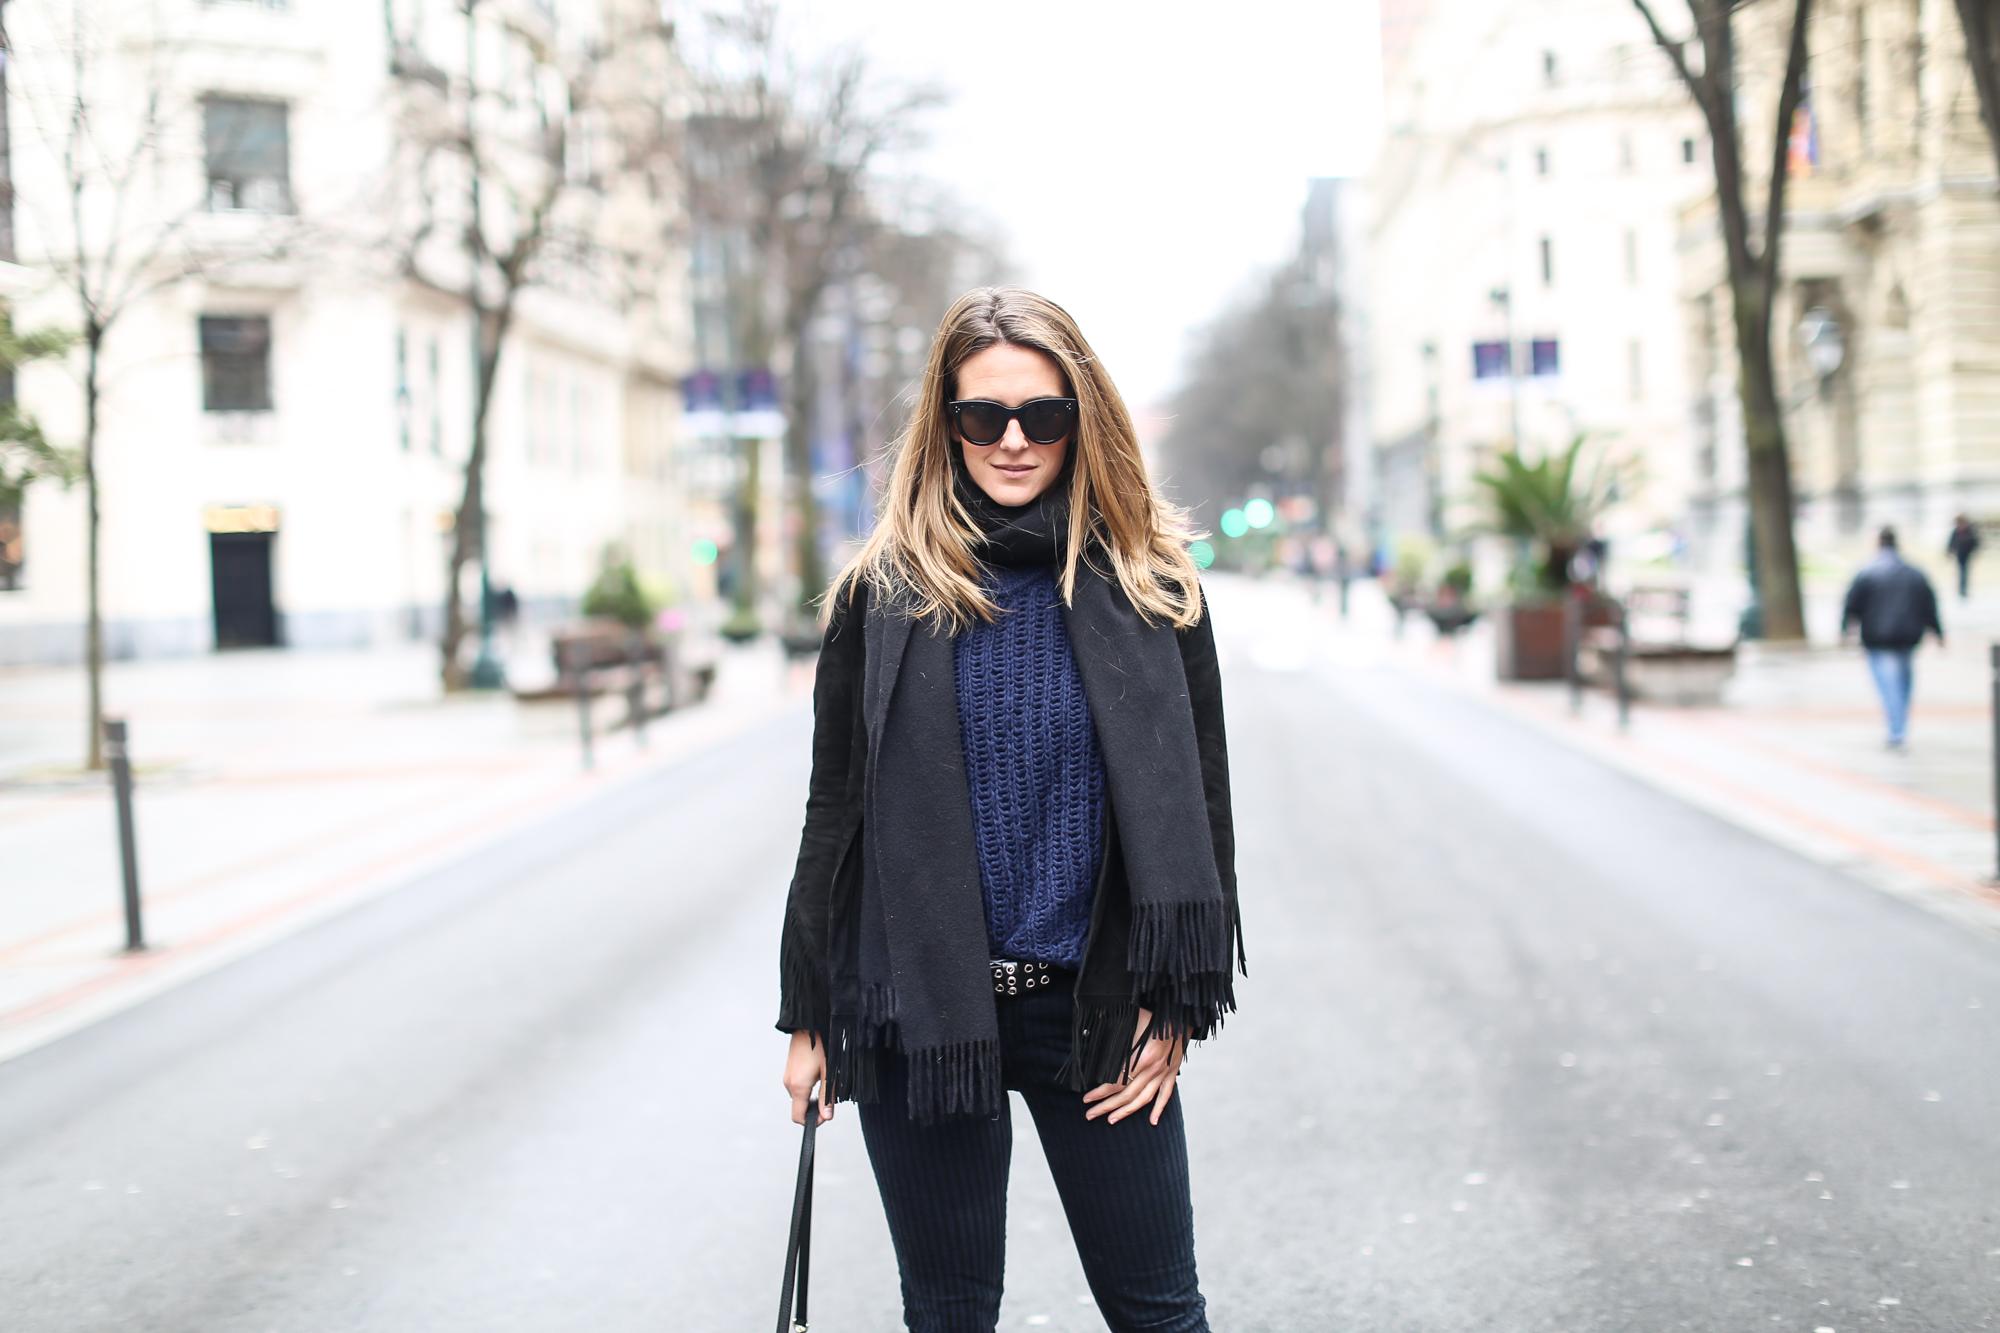 Clochet_streetstyle_fashionblogger_purificacióngarcia_bolsotrangram_chaquetaanteflecosmaje-3